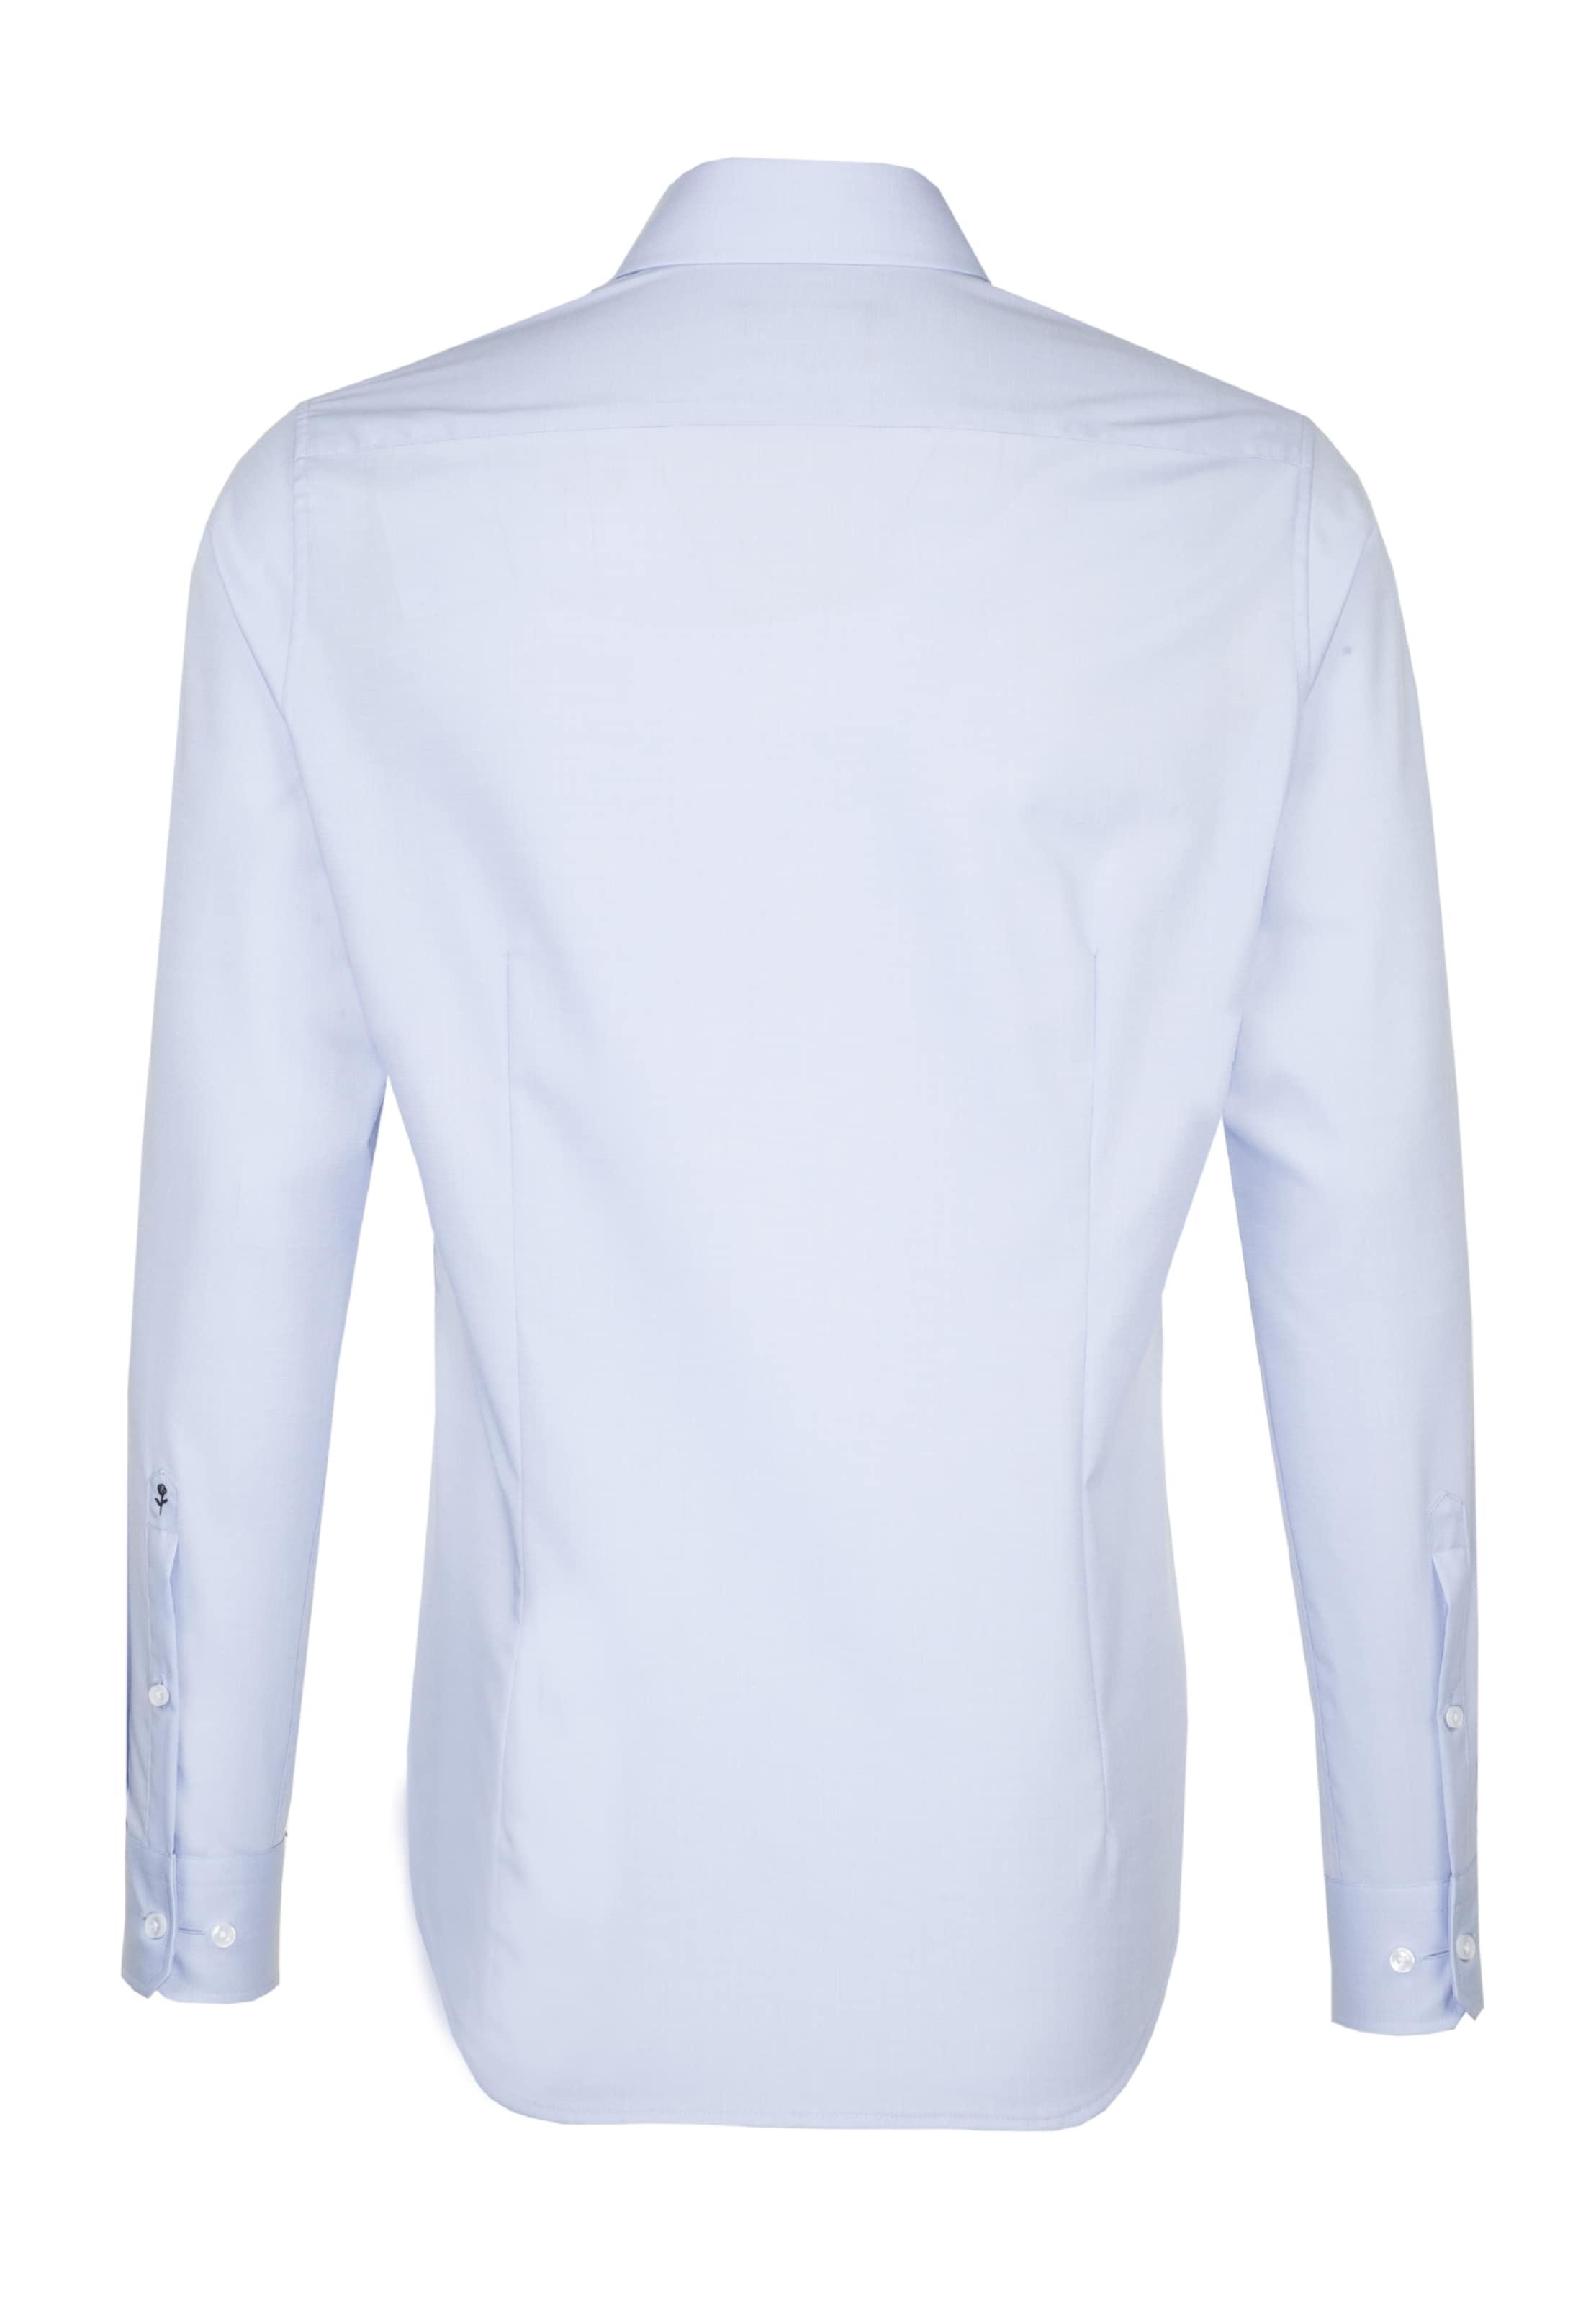 Original- SEIDENSTICKER Business Hemd 'Tailored' Pick Ein Besten Zum Verkauf Billig Verkauf Beste Preise Geniue Händler Zum Verkauf Kaufen ZYo1DWHZnp